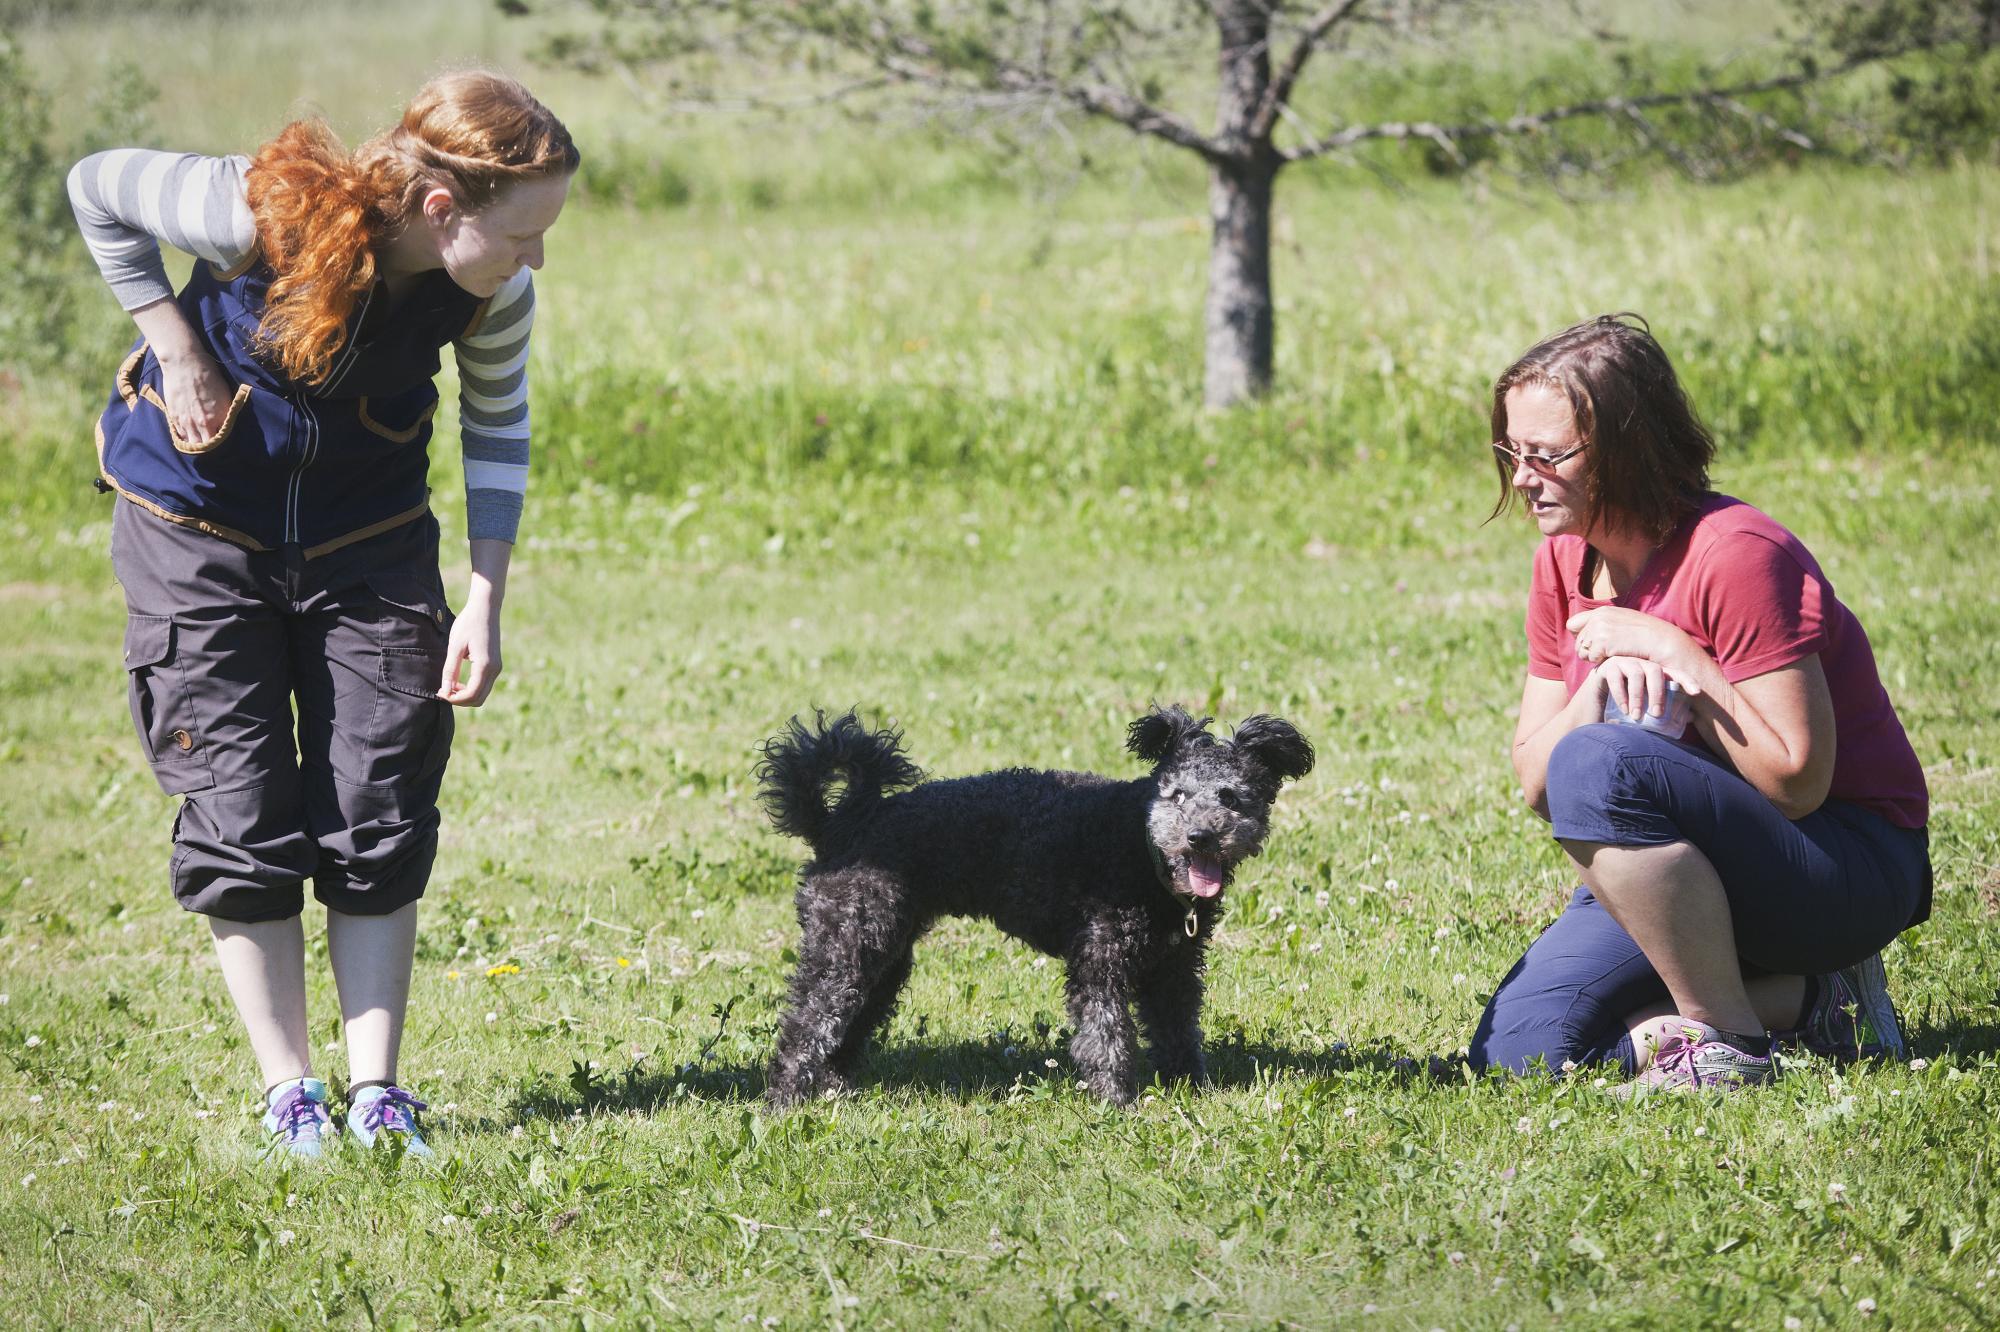 Med extern belöning hjälper Lotta Lovisa att träna Alice i fritt följ.